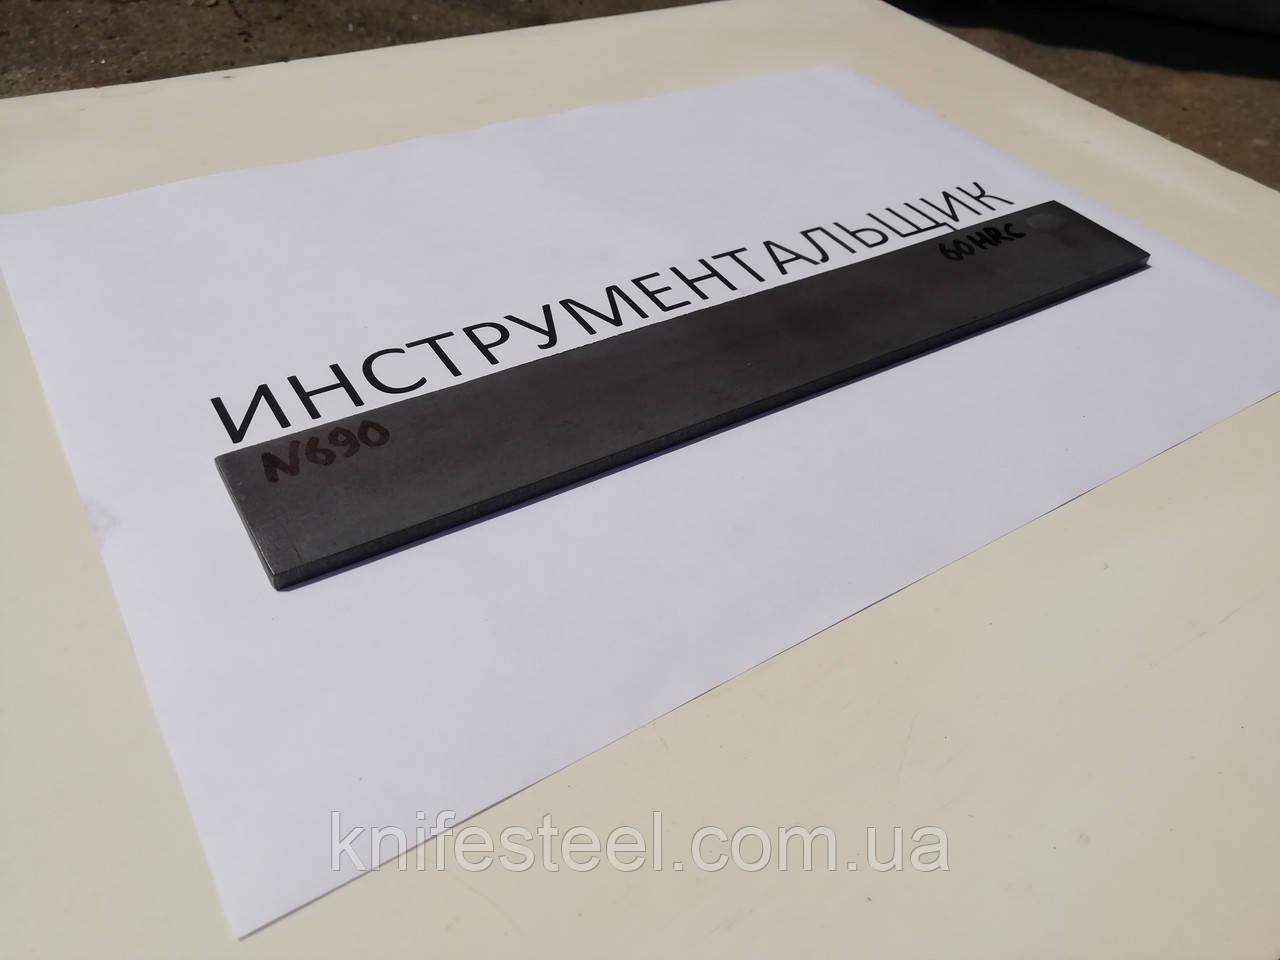 Заготовка для ножа сталь N690 300х30х3,7 мм термообработка (60 HRC) ШЛИФОВКА